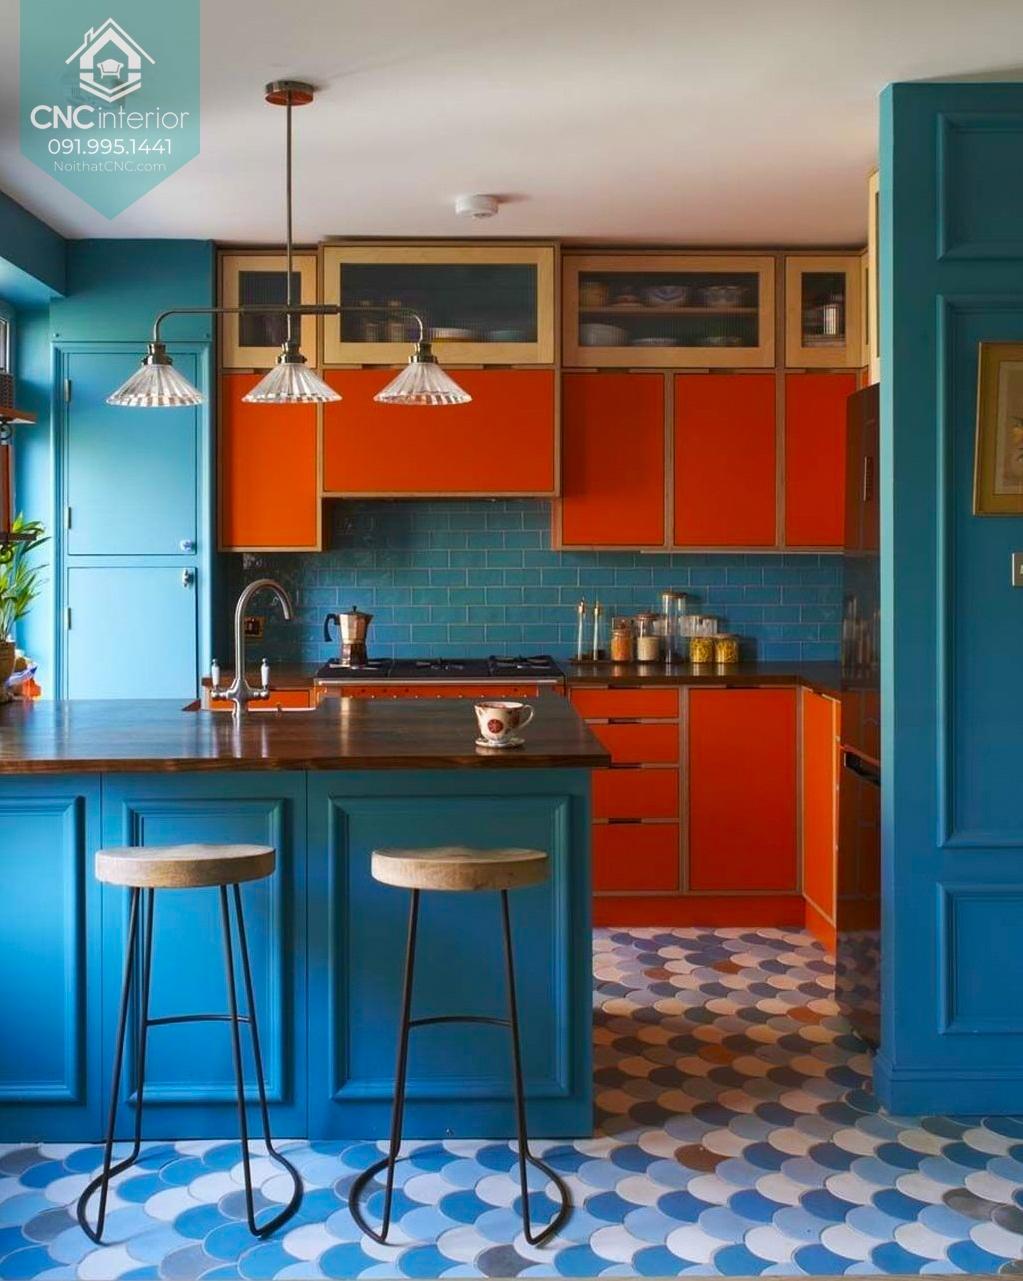 Sử dụng hai màu sắc tương phản ở vị trí hợp lý cũng là một trong các kiểu trang trí phòng bếp style Colour block